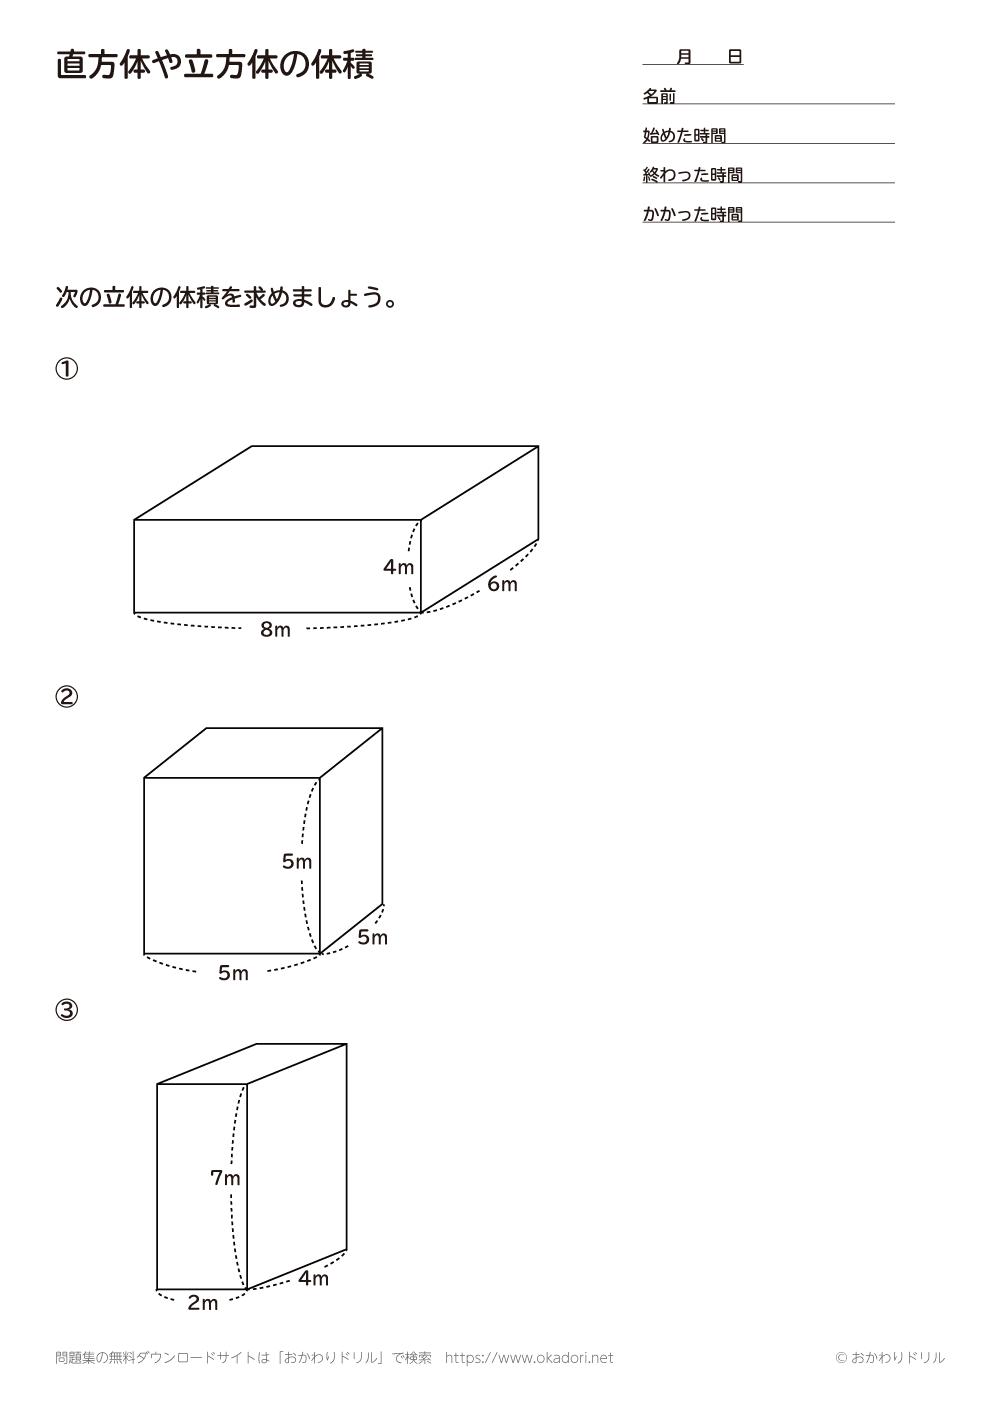 直方体や立方体の体積3